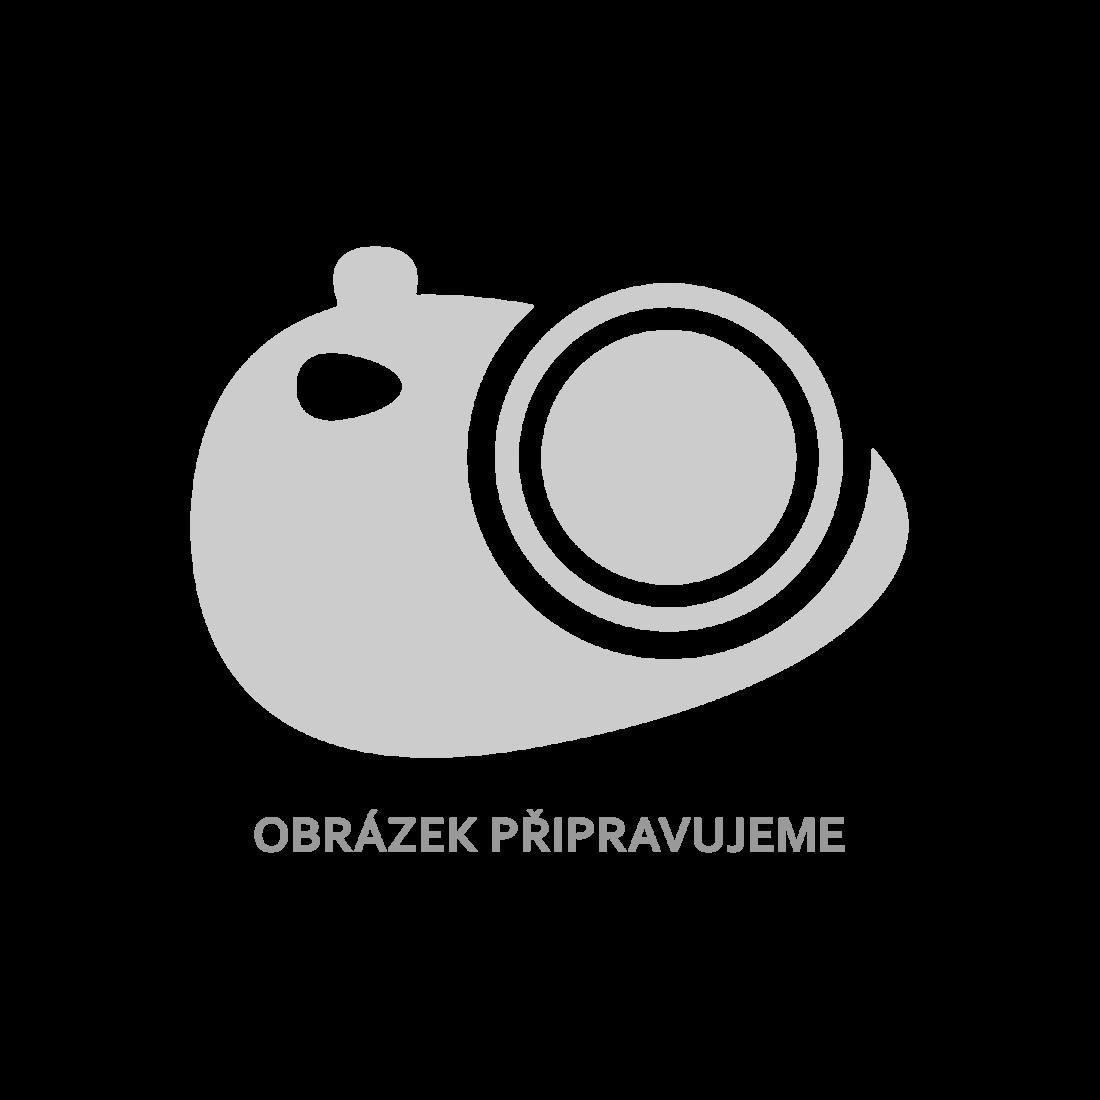 vidaXL Čajový stolek šedý 41,5 x 41,5 x 43 cm polyratan tvrzené sklo [46196]